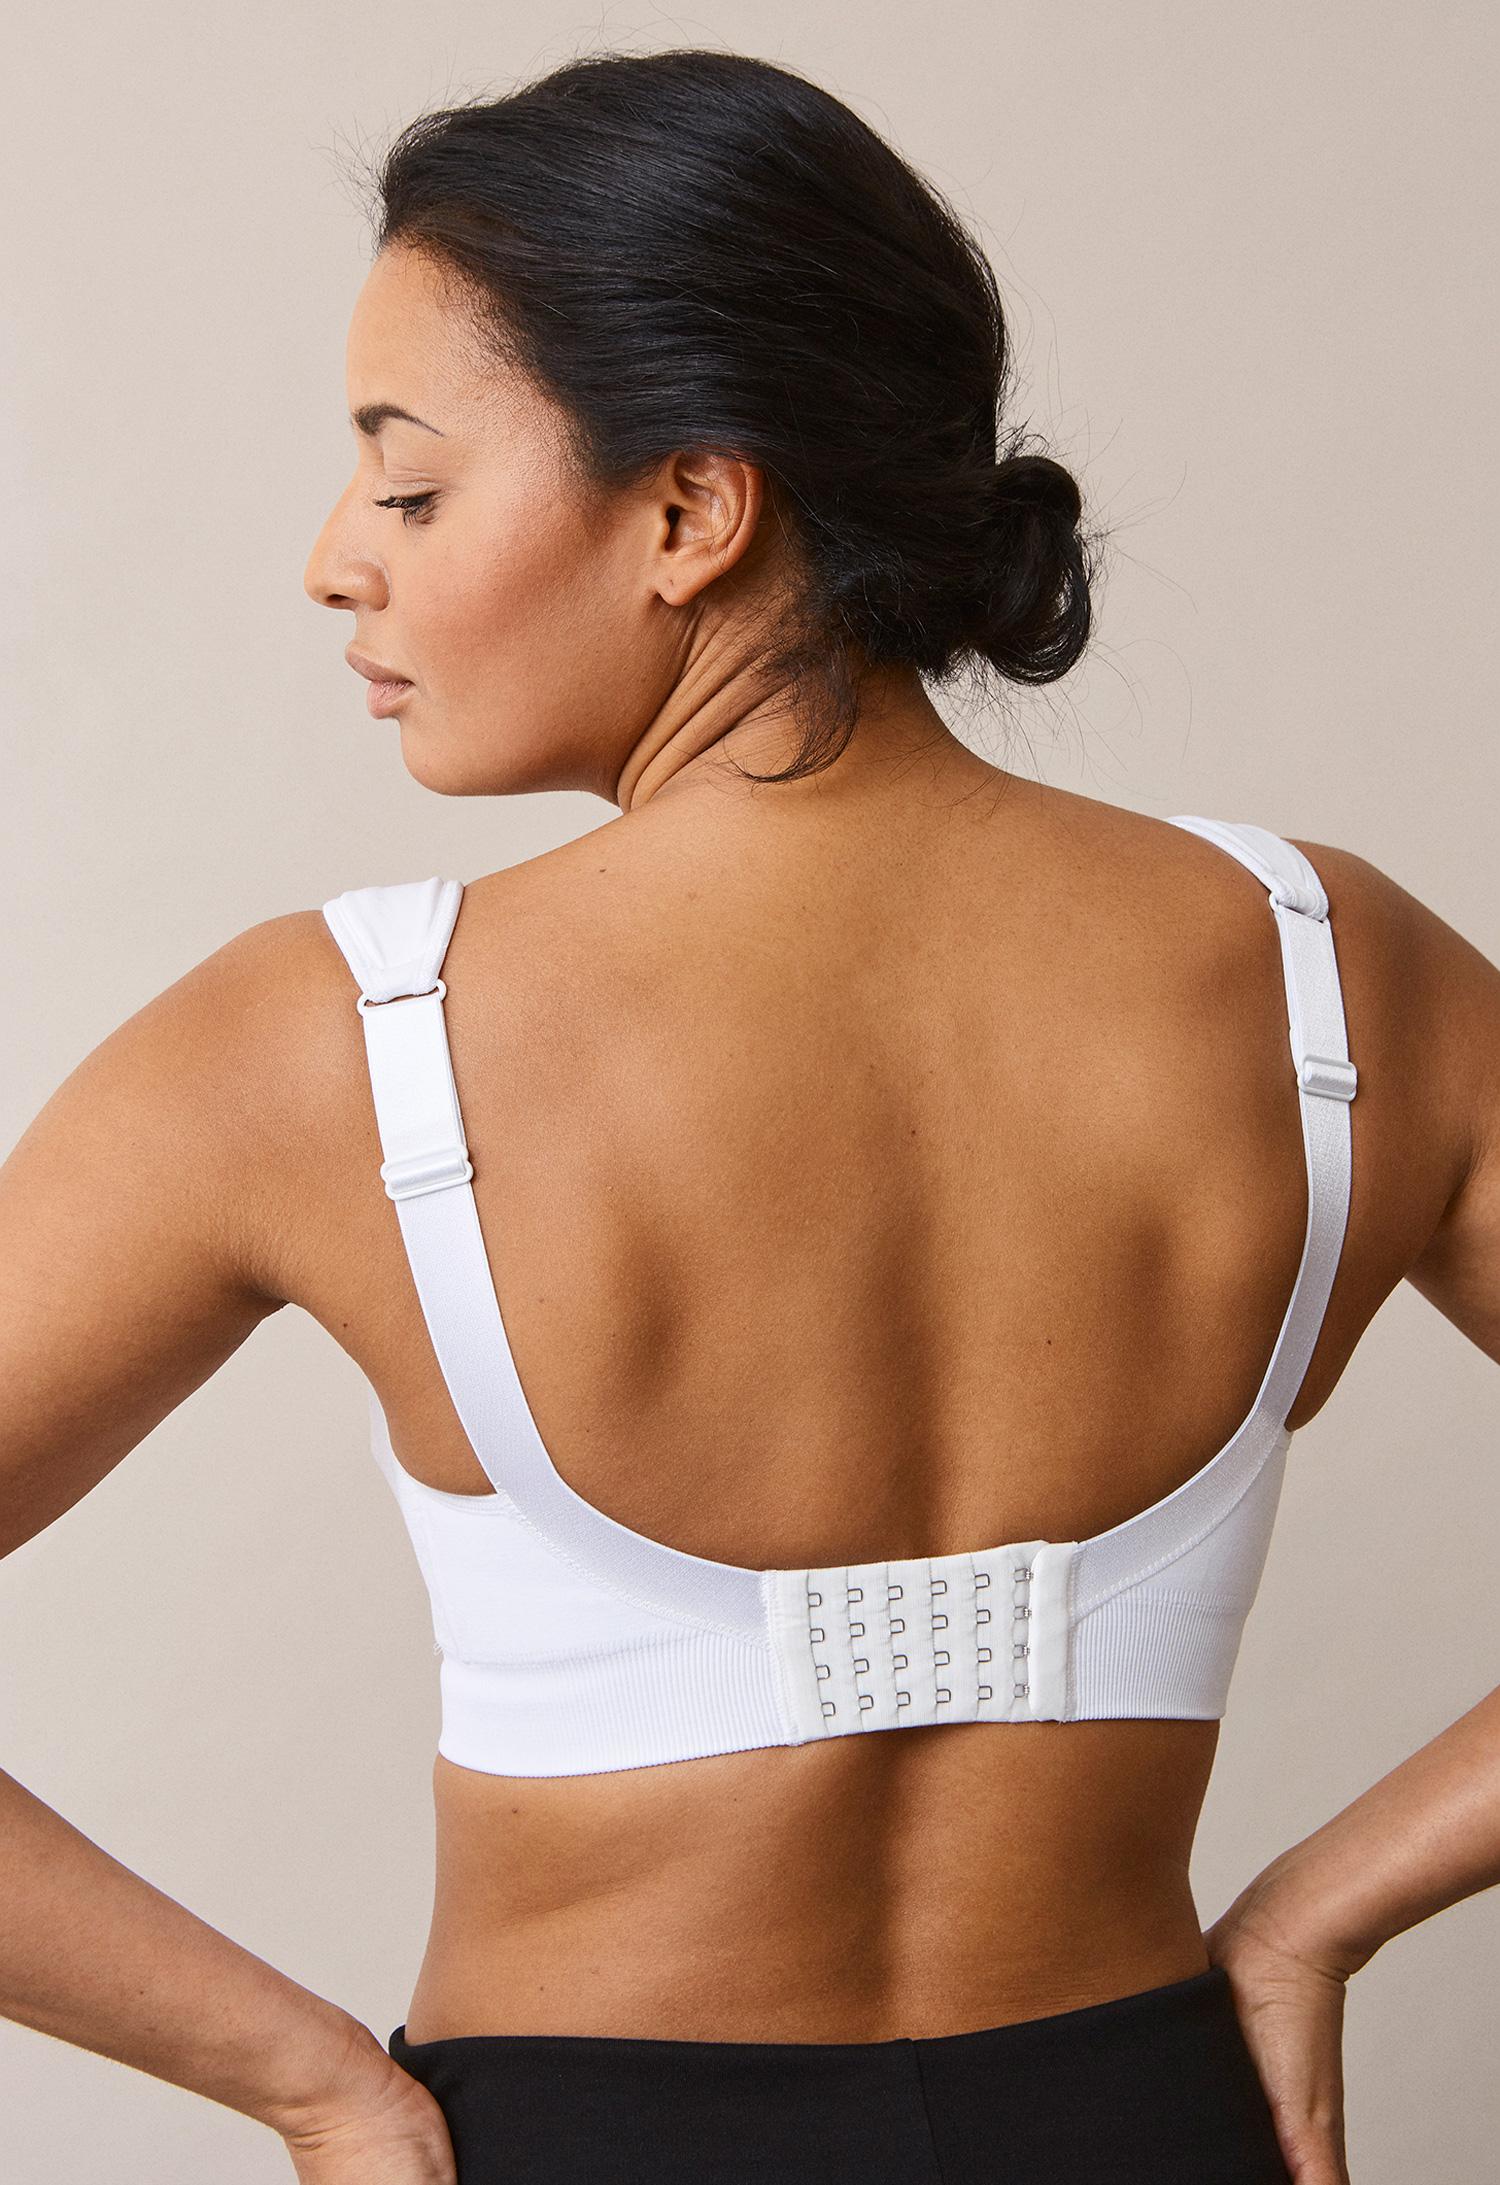 FF bra/Elevate (3) - Maternity underwear / Nursing underwear